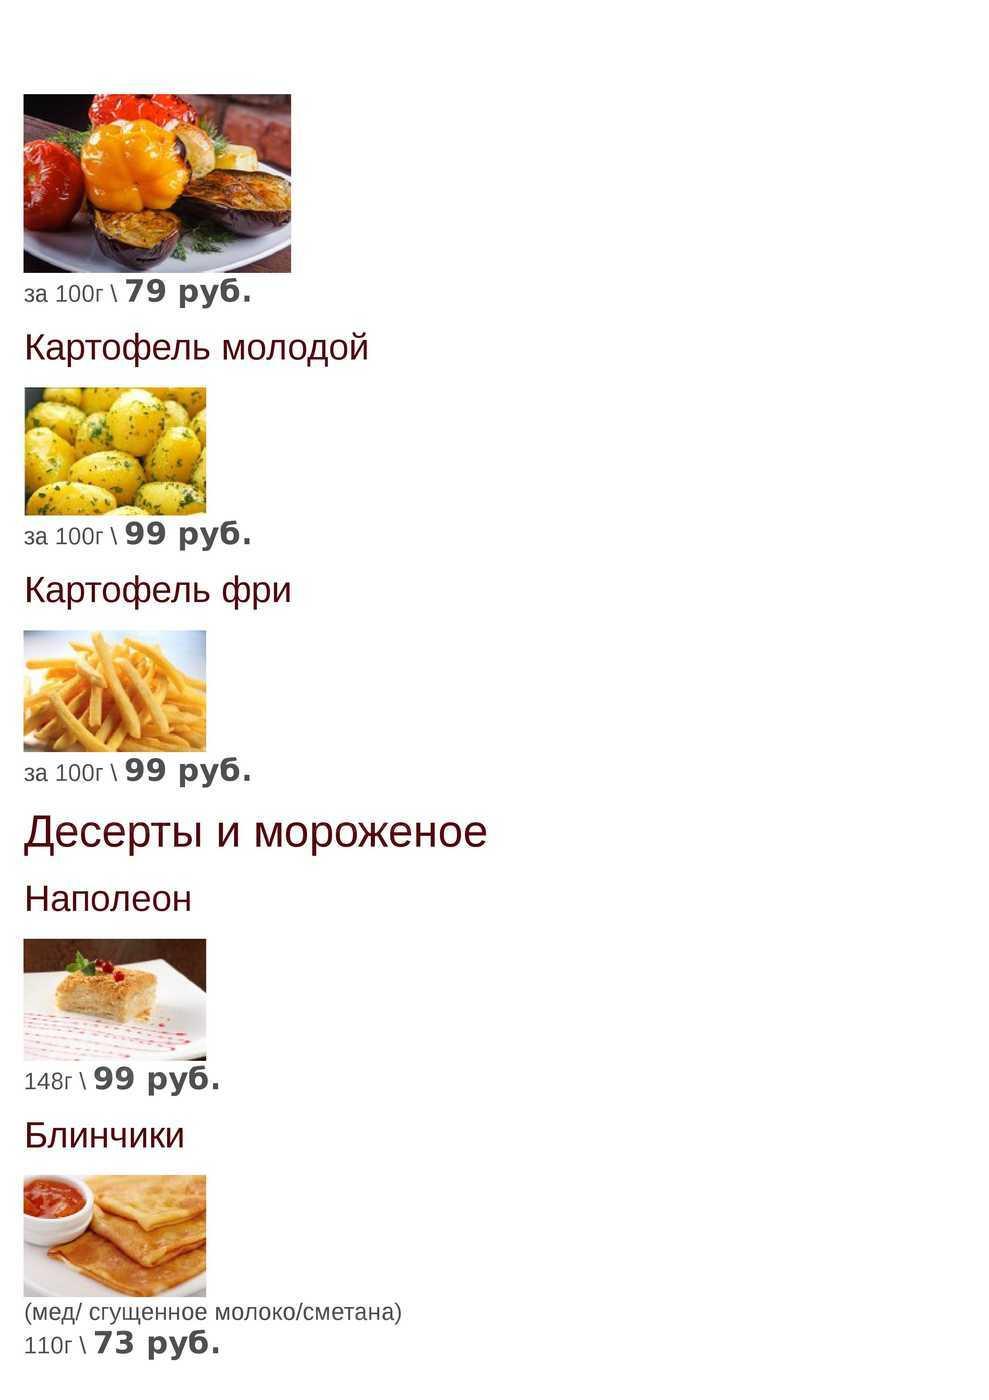 Меню кафе Ермак на проспекте имени газеты Красноярский Рабочий фото 23